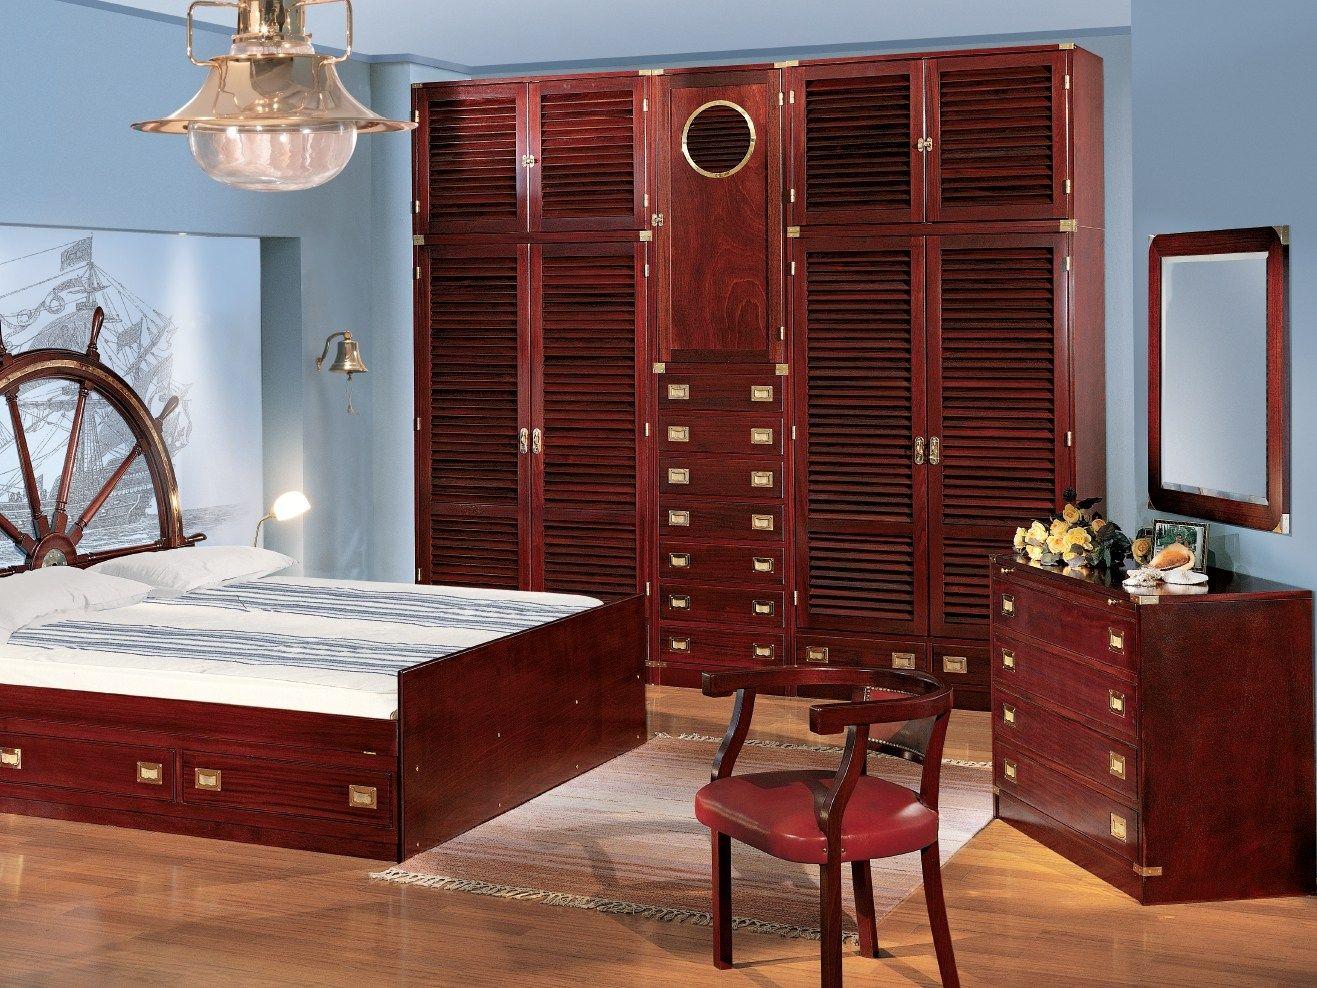 Camera da letto in legno 110 by caroti - Camera da letto marinara ...